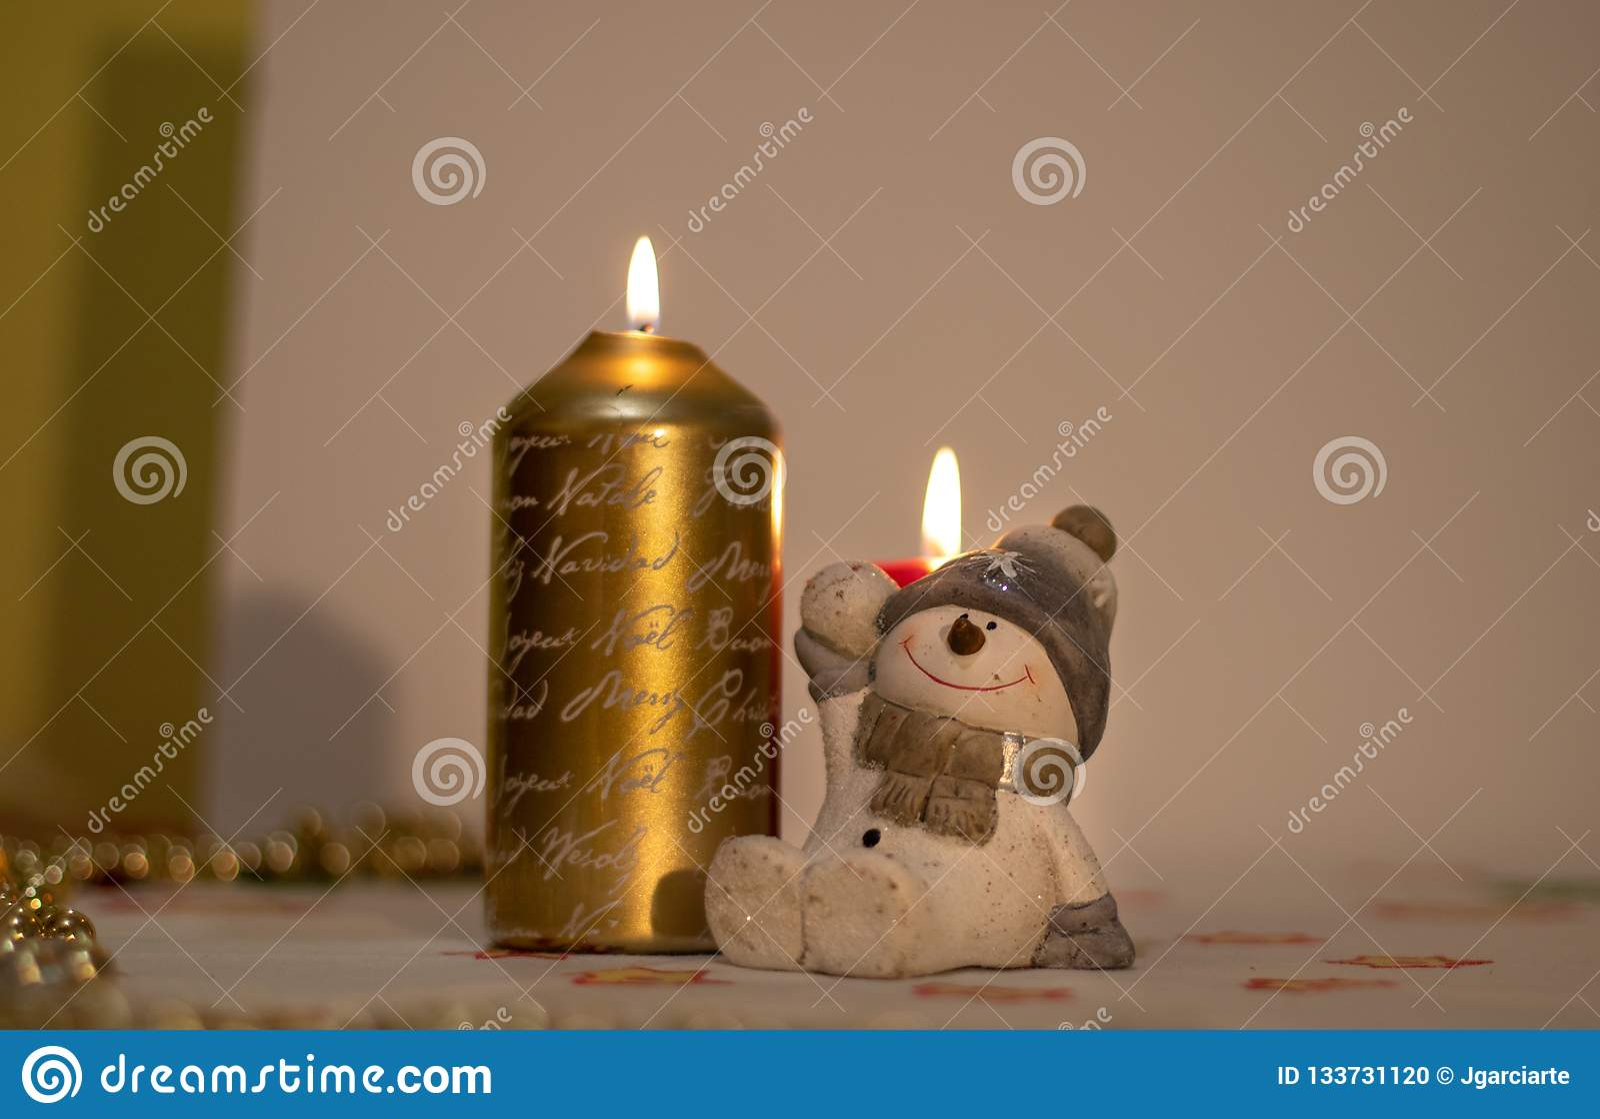 Candela di Natale con una figura di un pupazzo di neve sveglio